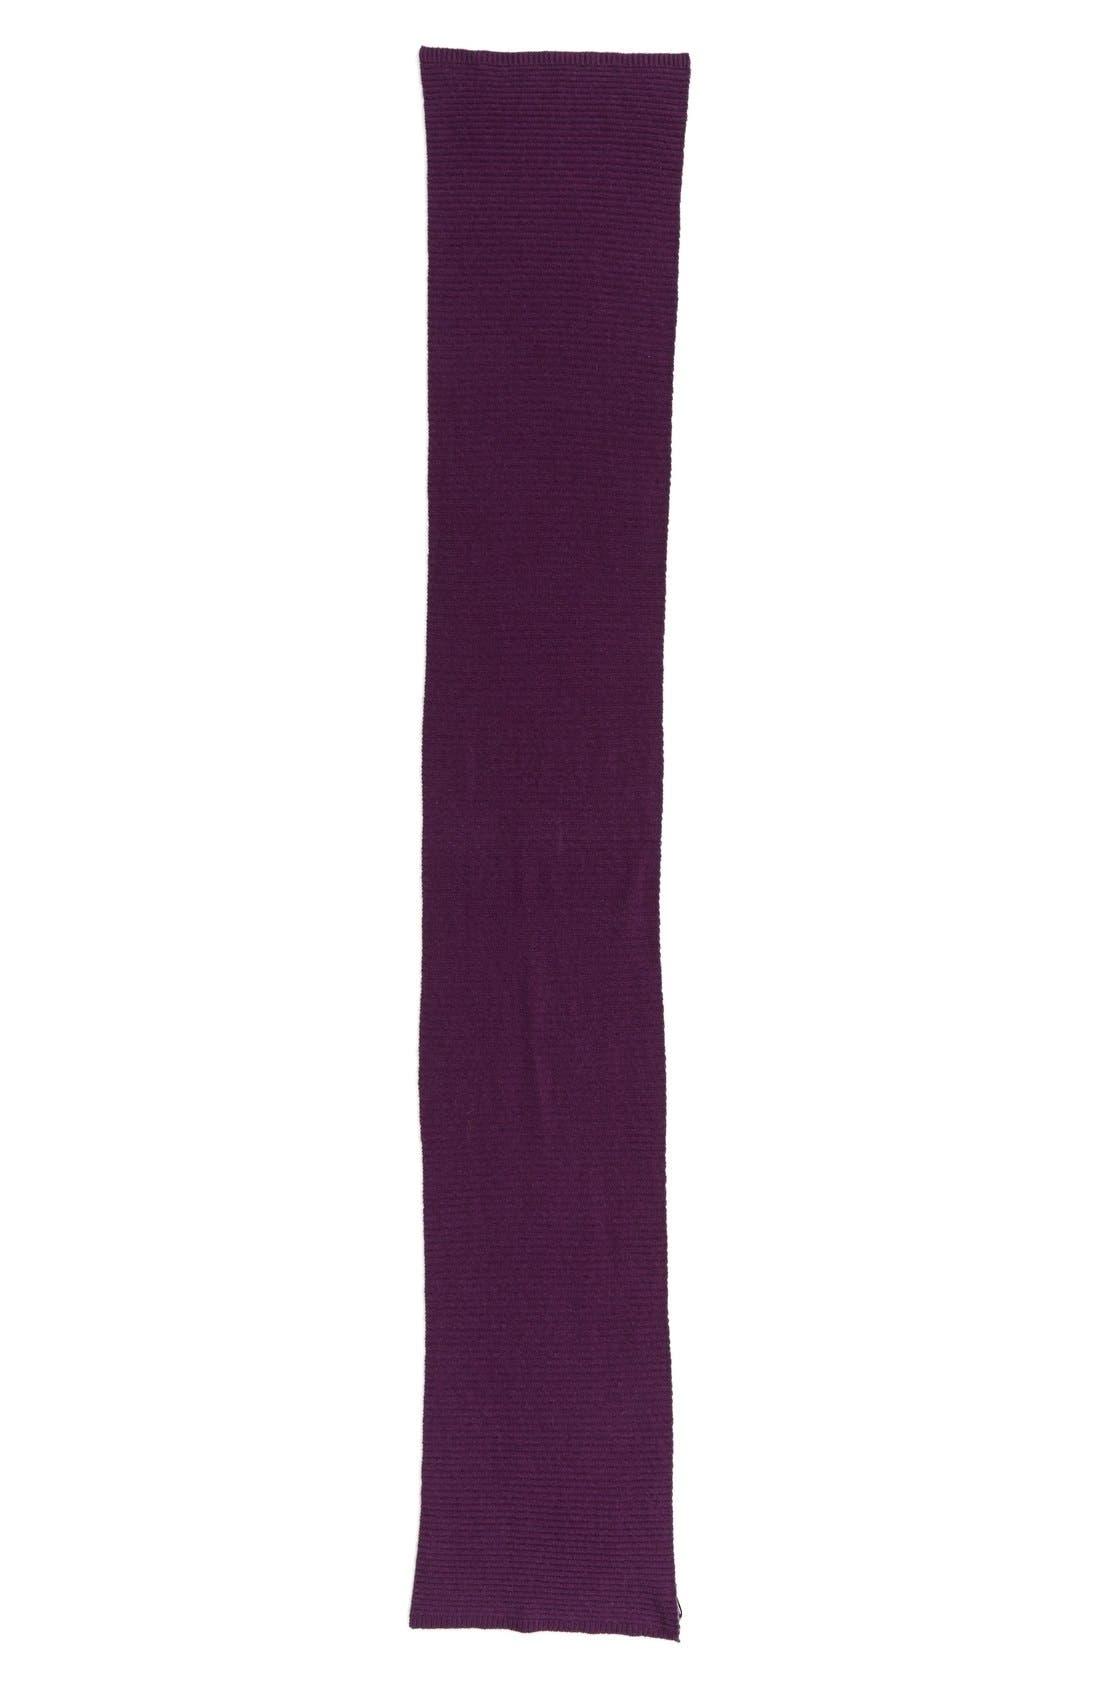 Alternate Image 2  - Halogen® Ribbed Cashmere Muffler